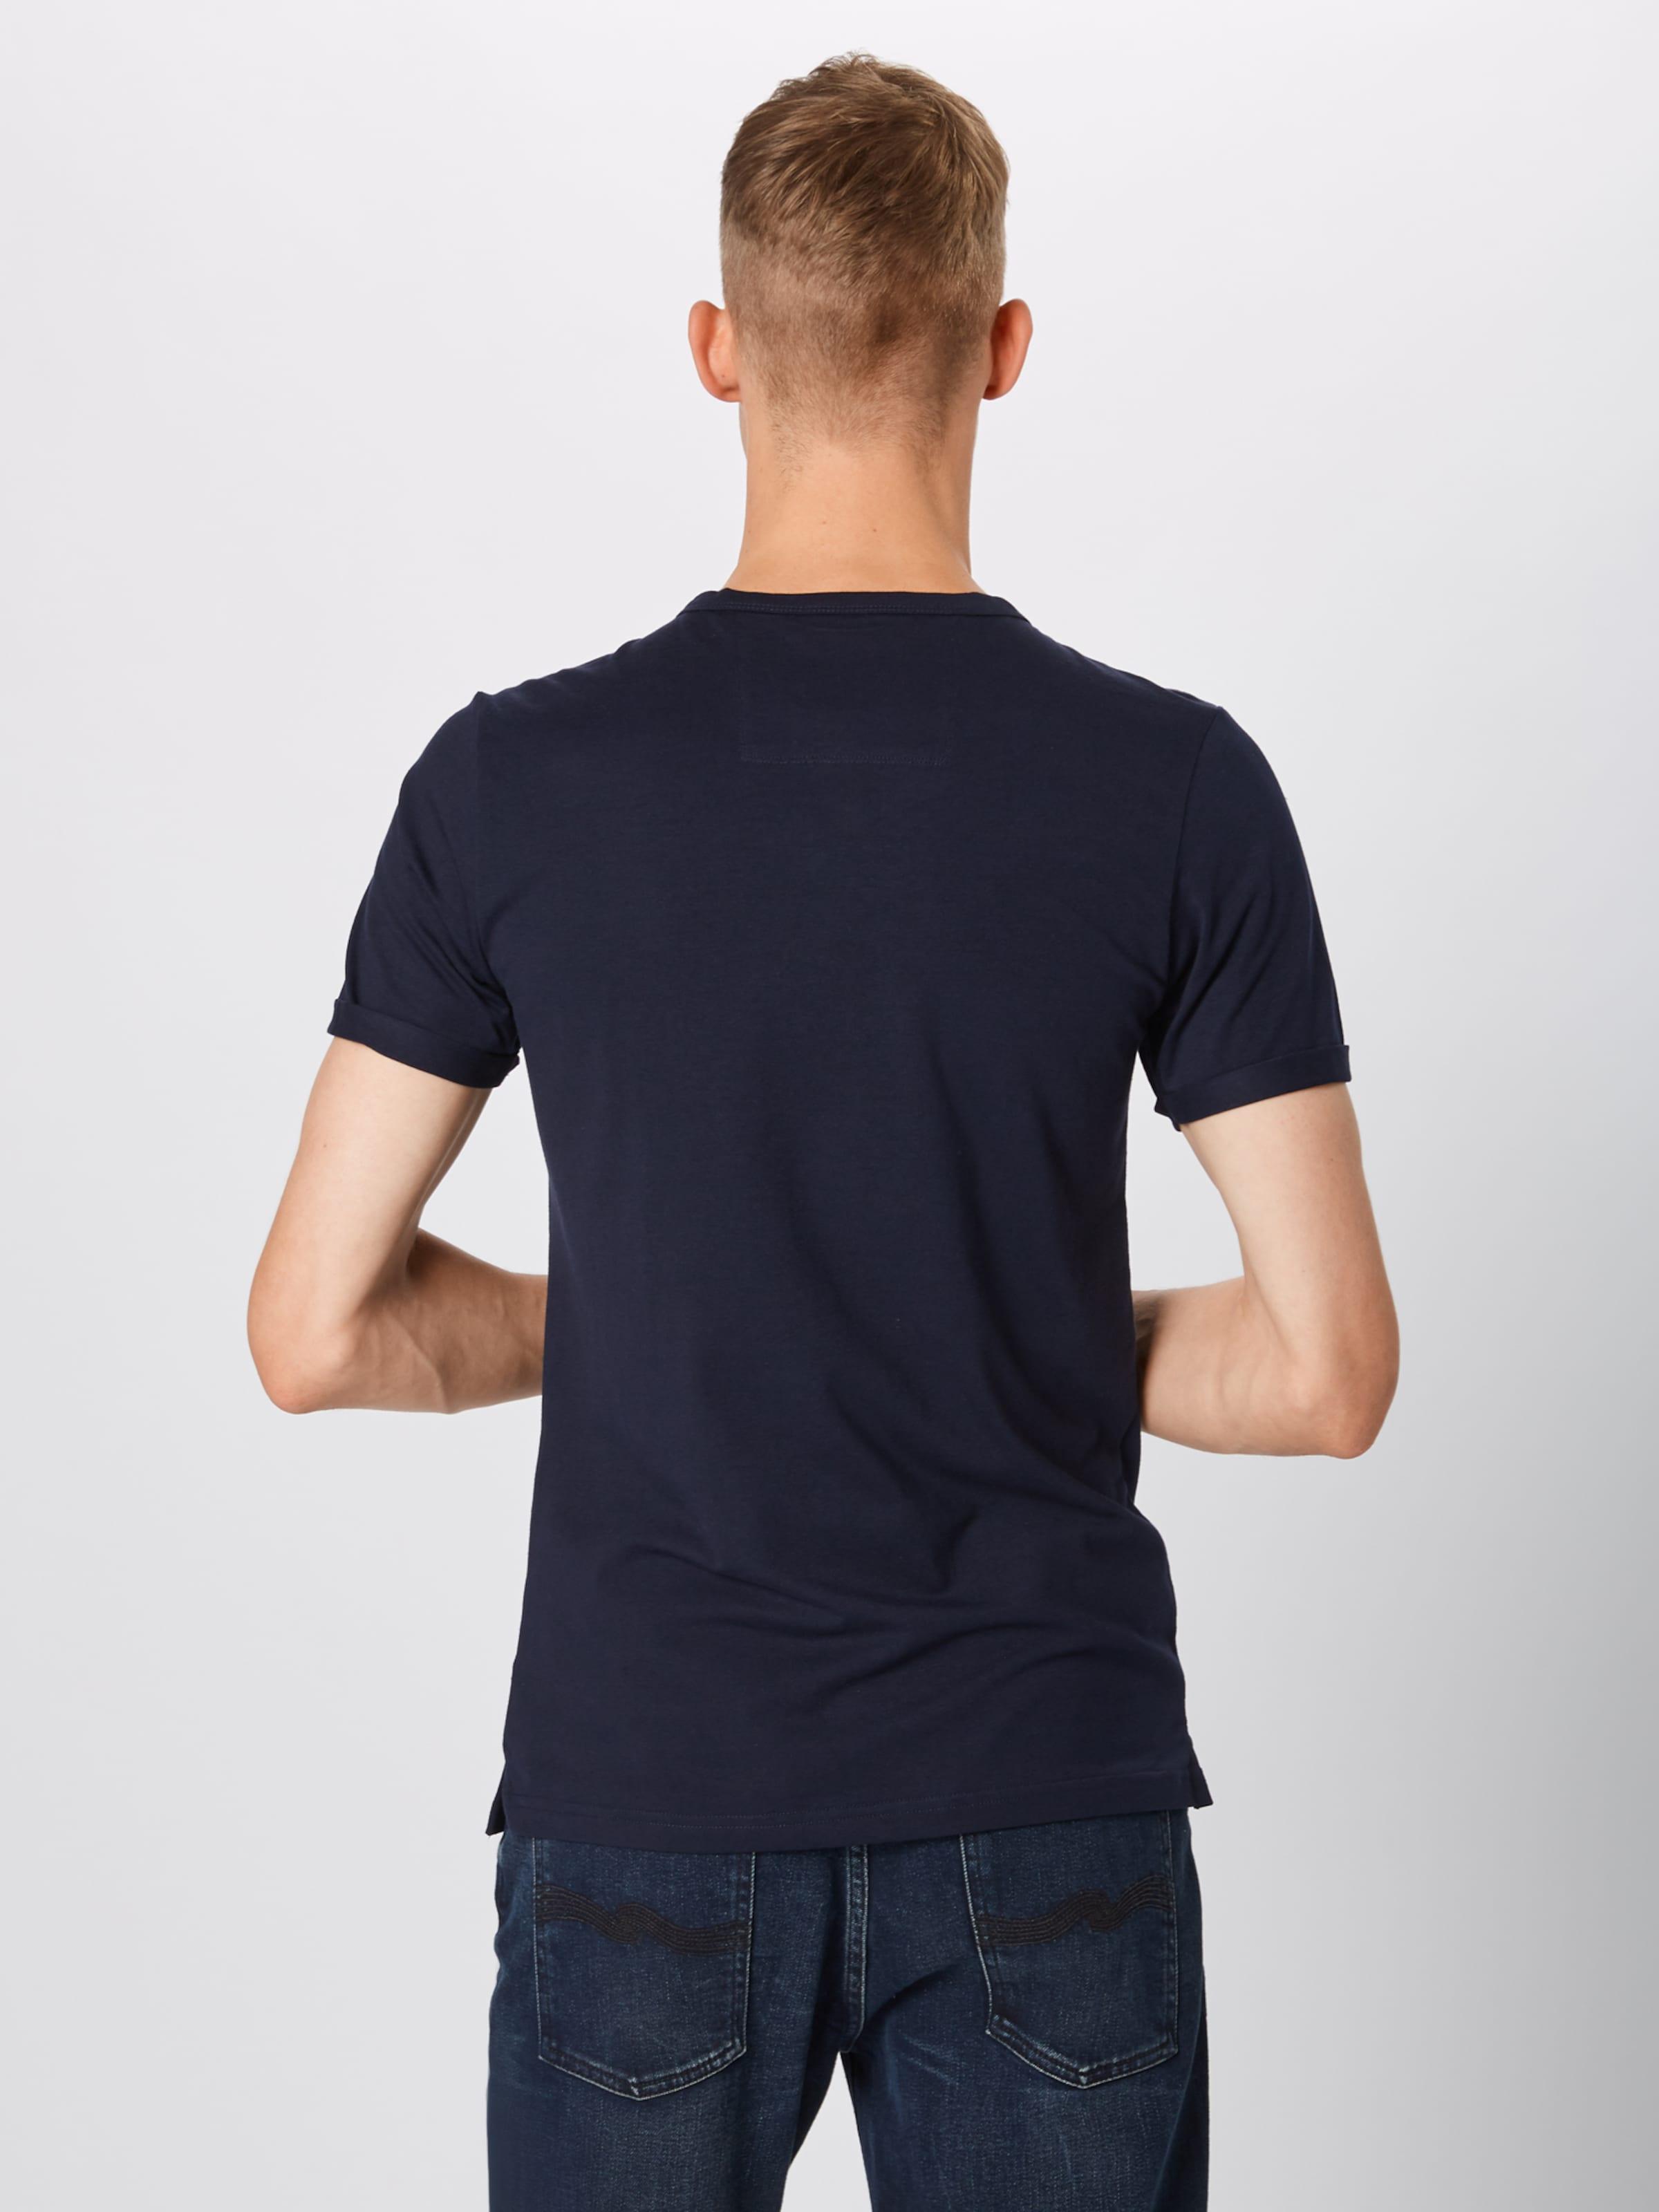 Foncé shirt Label Bleu S En oliver T Red Y7gvf6by